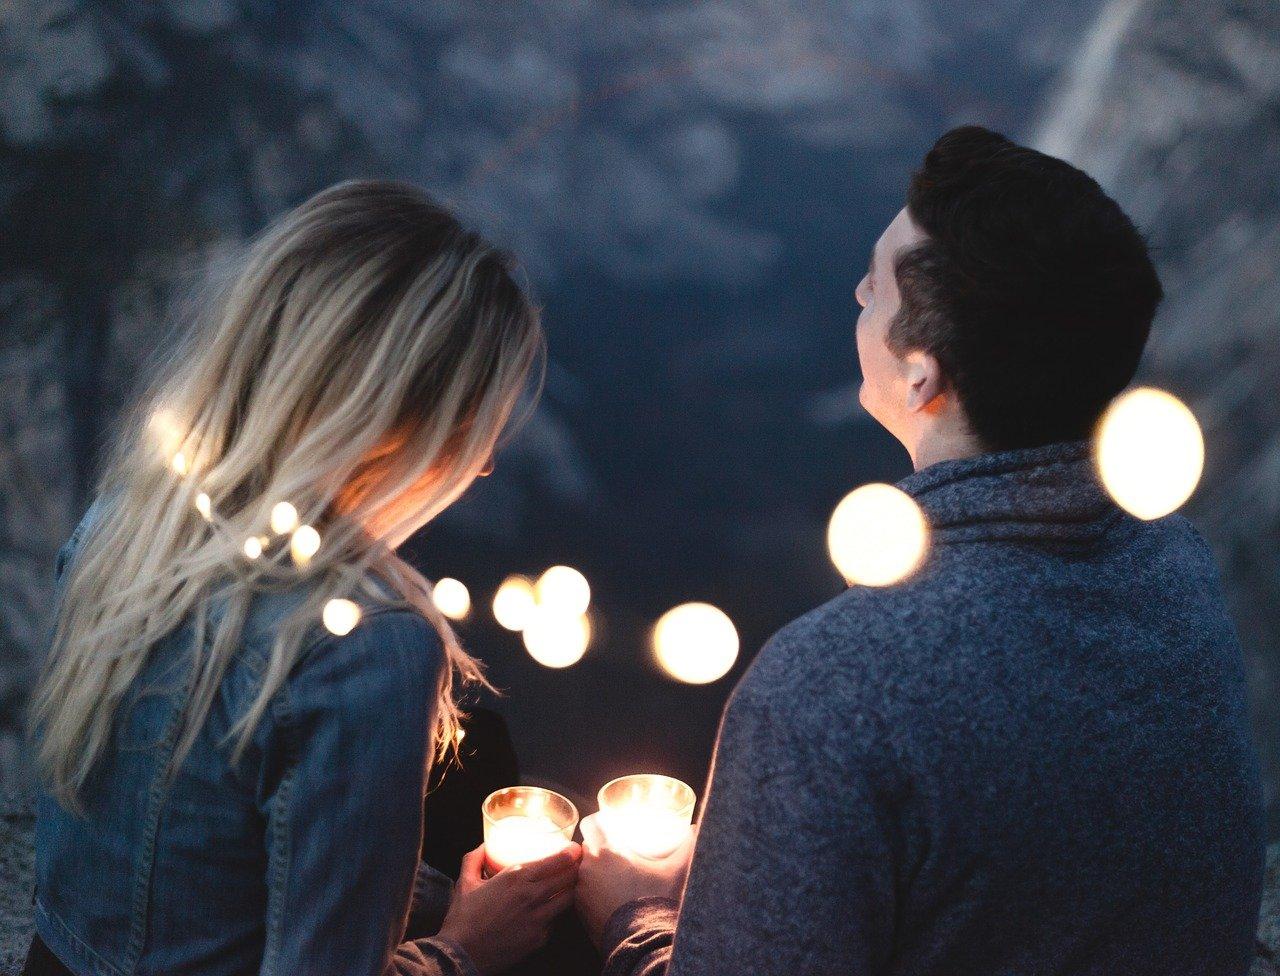 Hur skall man påbörja en relation på ett säkert sätt?